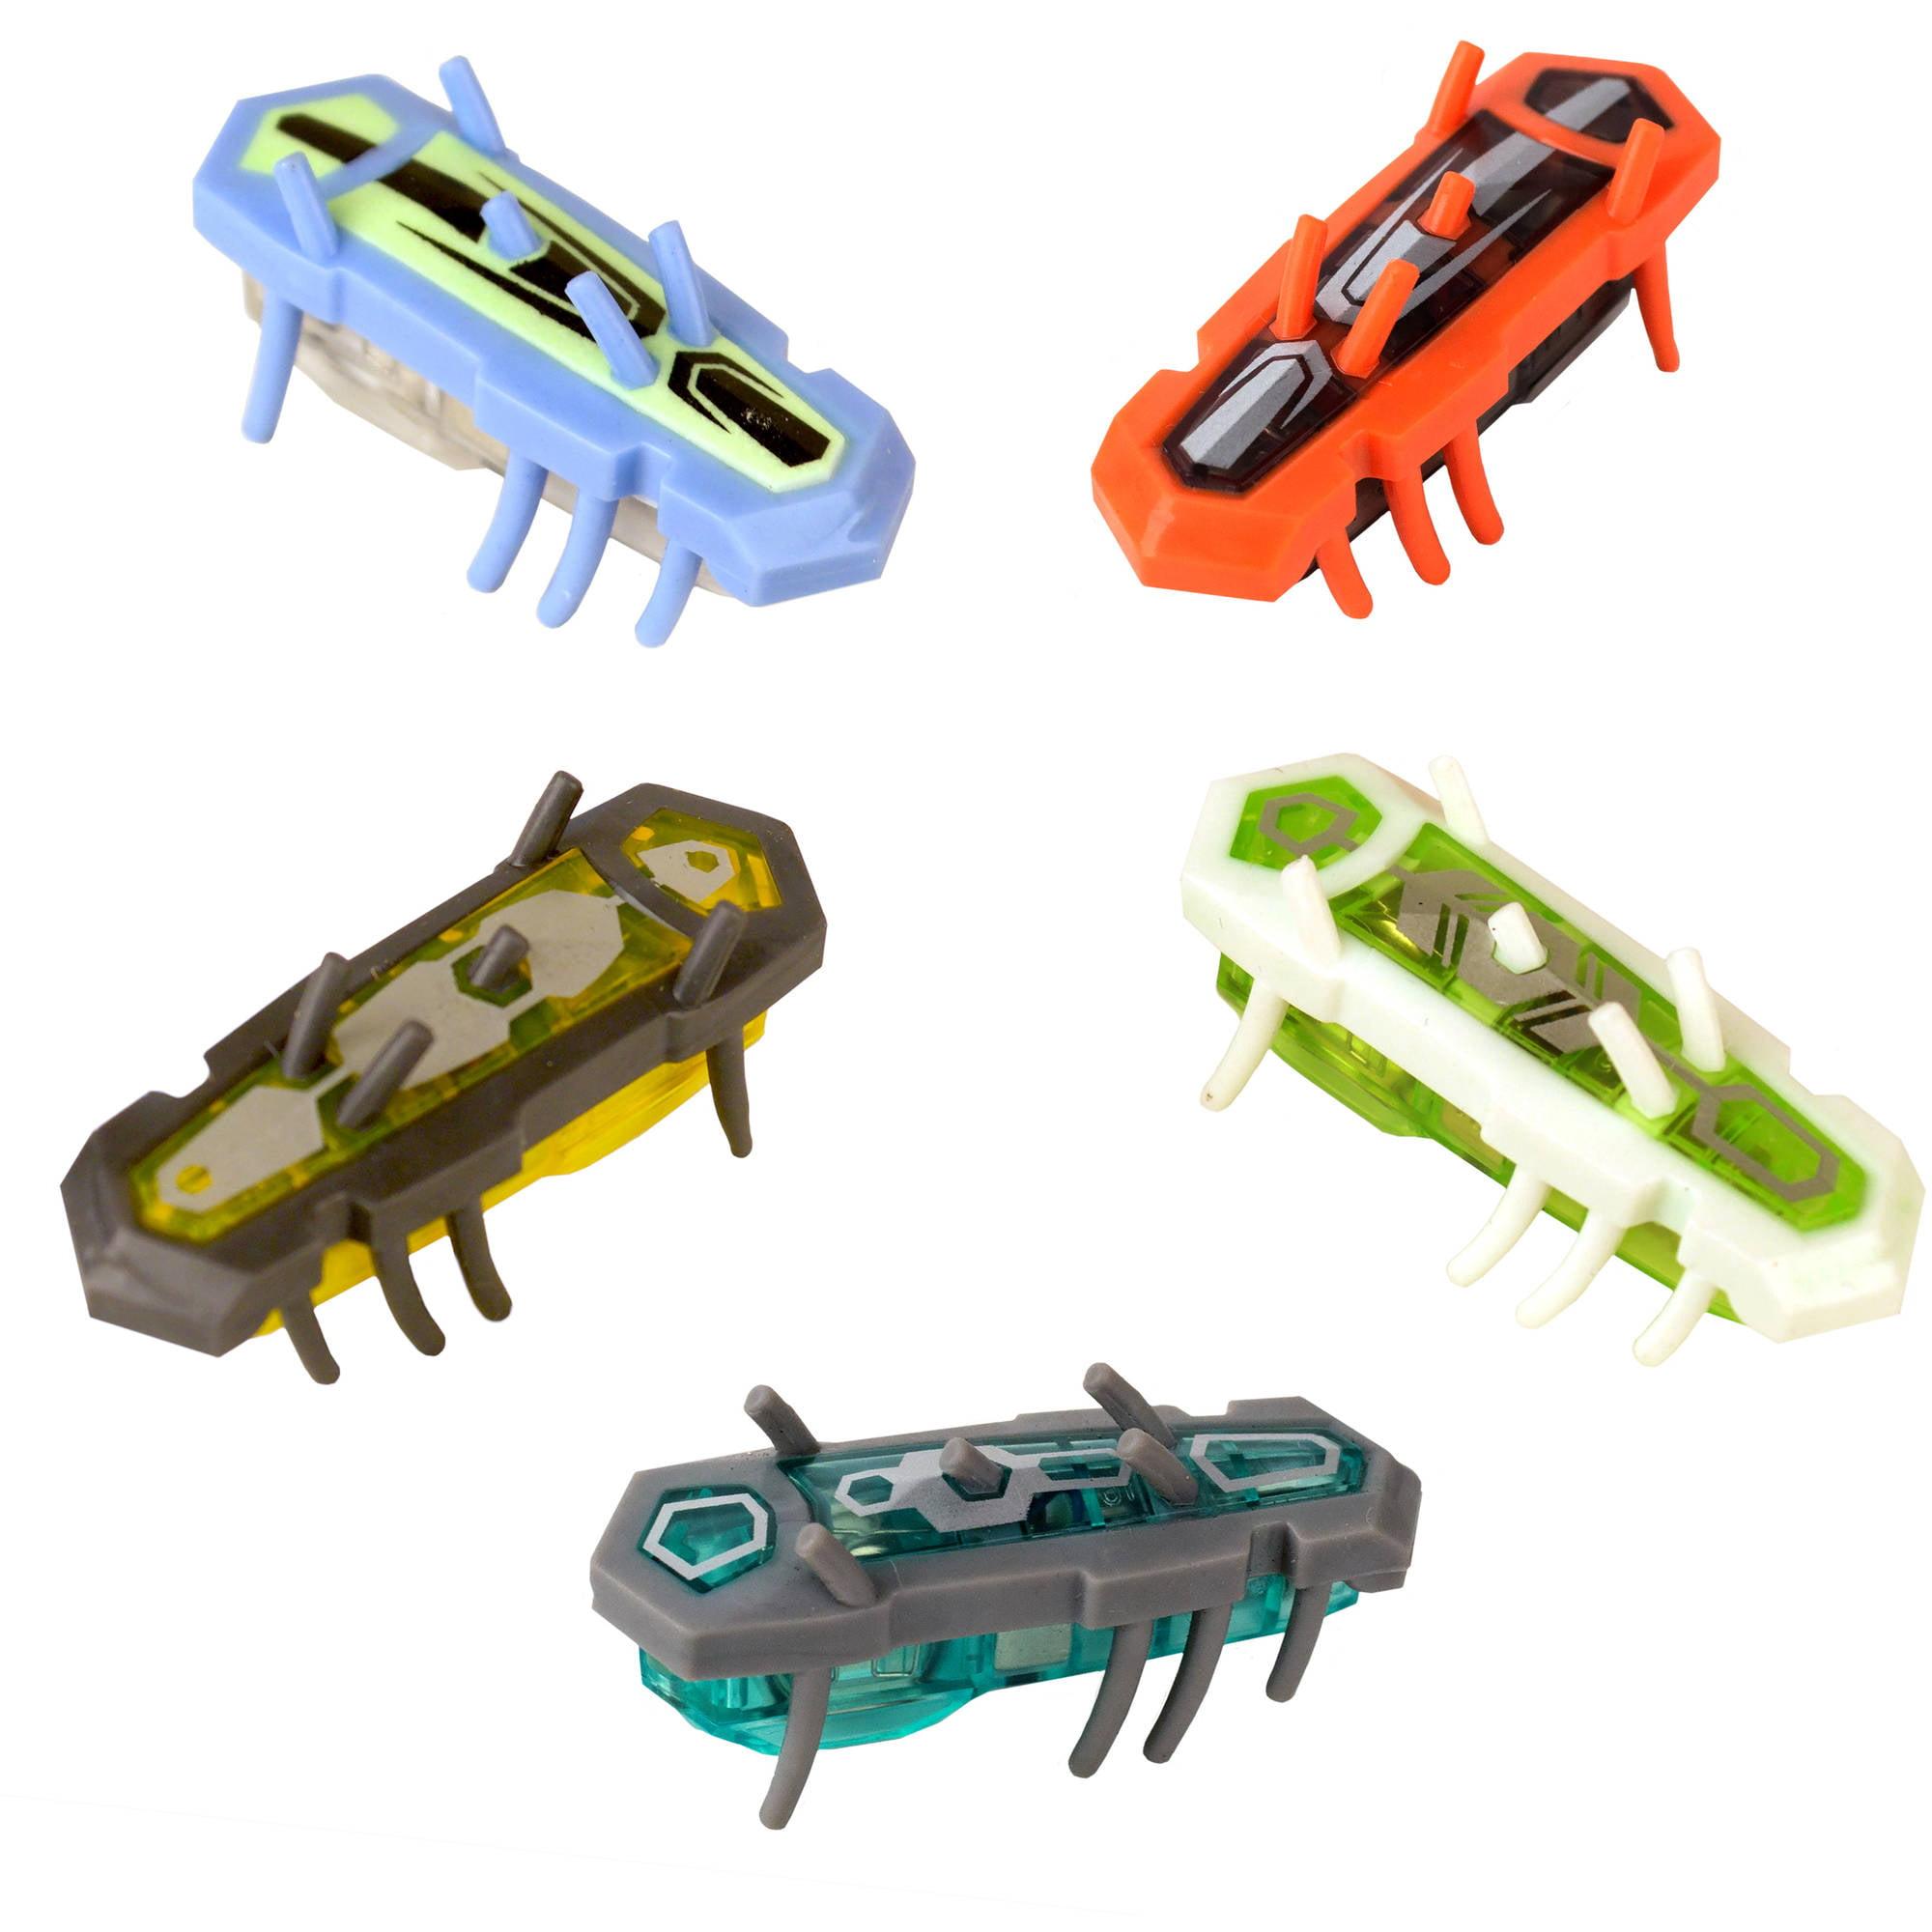 413417b49ec Buy Hexbug Nano Nitro